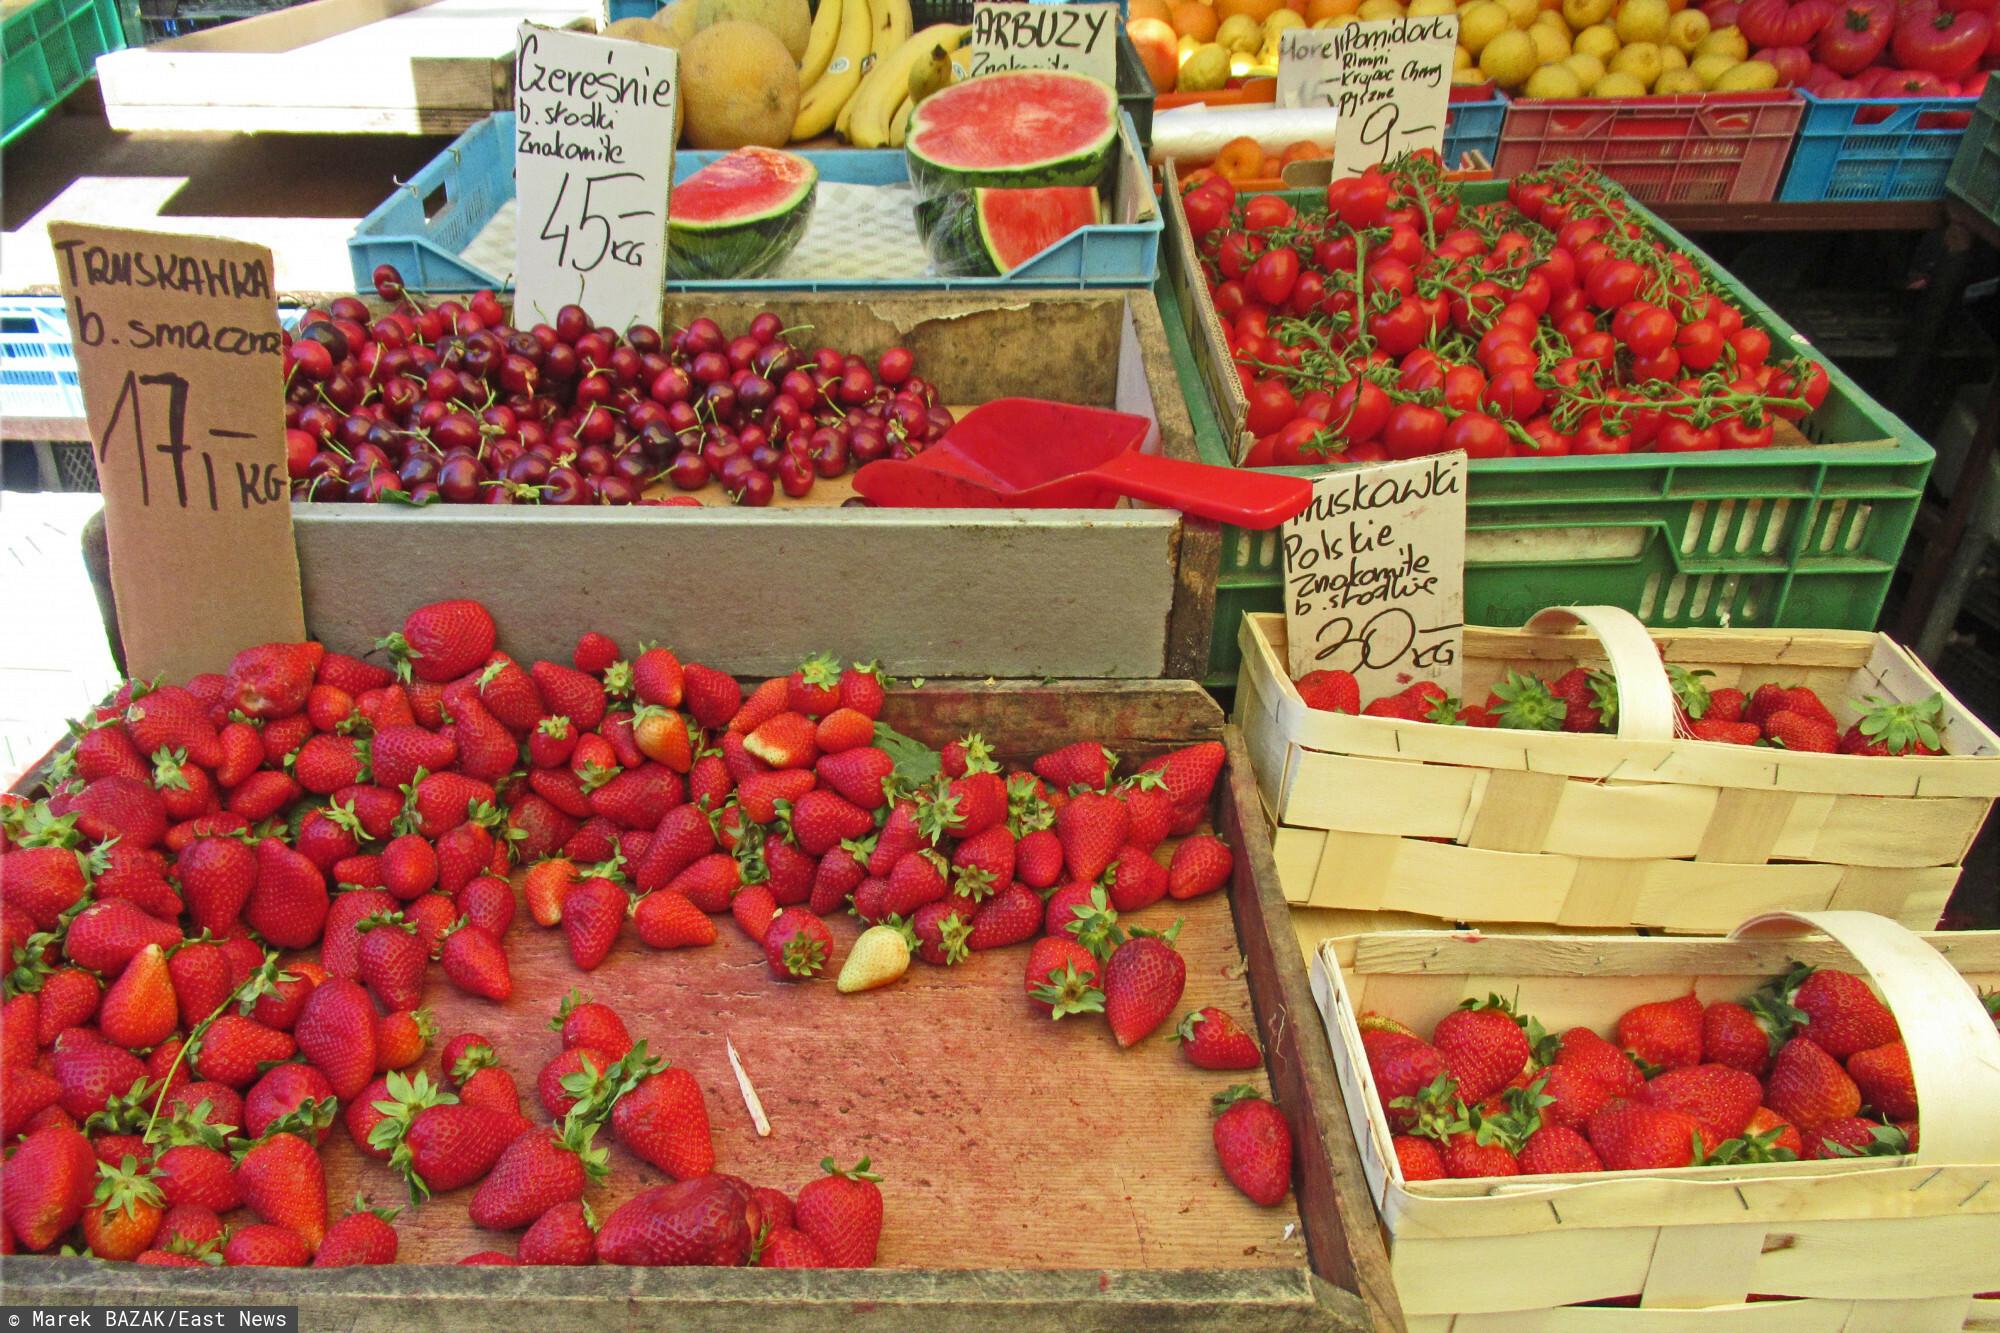 PHOTO: ZOFIA I MAREK BAZAK / EAST NEWS Warszawa N/Z Wiosenne zakupy na stolecznym bazarze, warzywa i owoce prosto od rolnika, z wlasnego gospodarstwa, nowalijki - truskawki, czeresnie